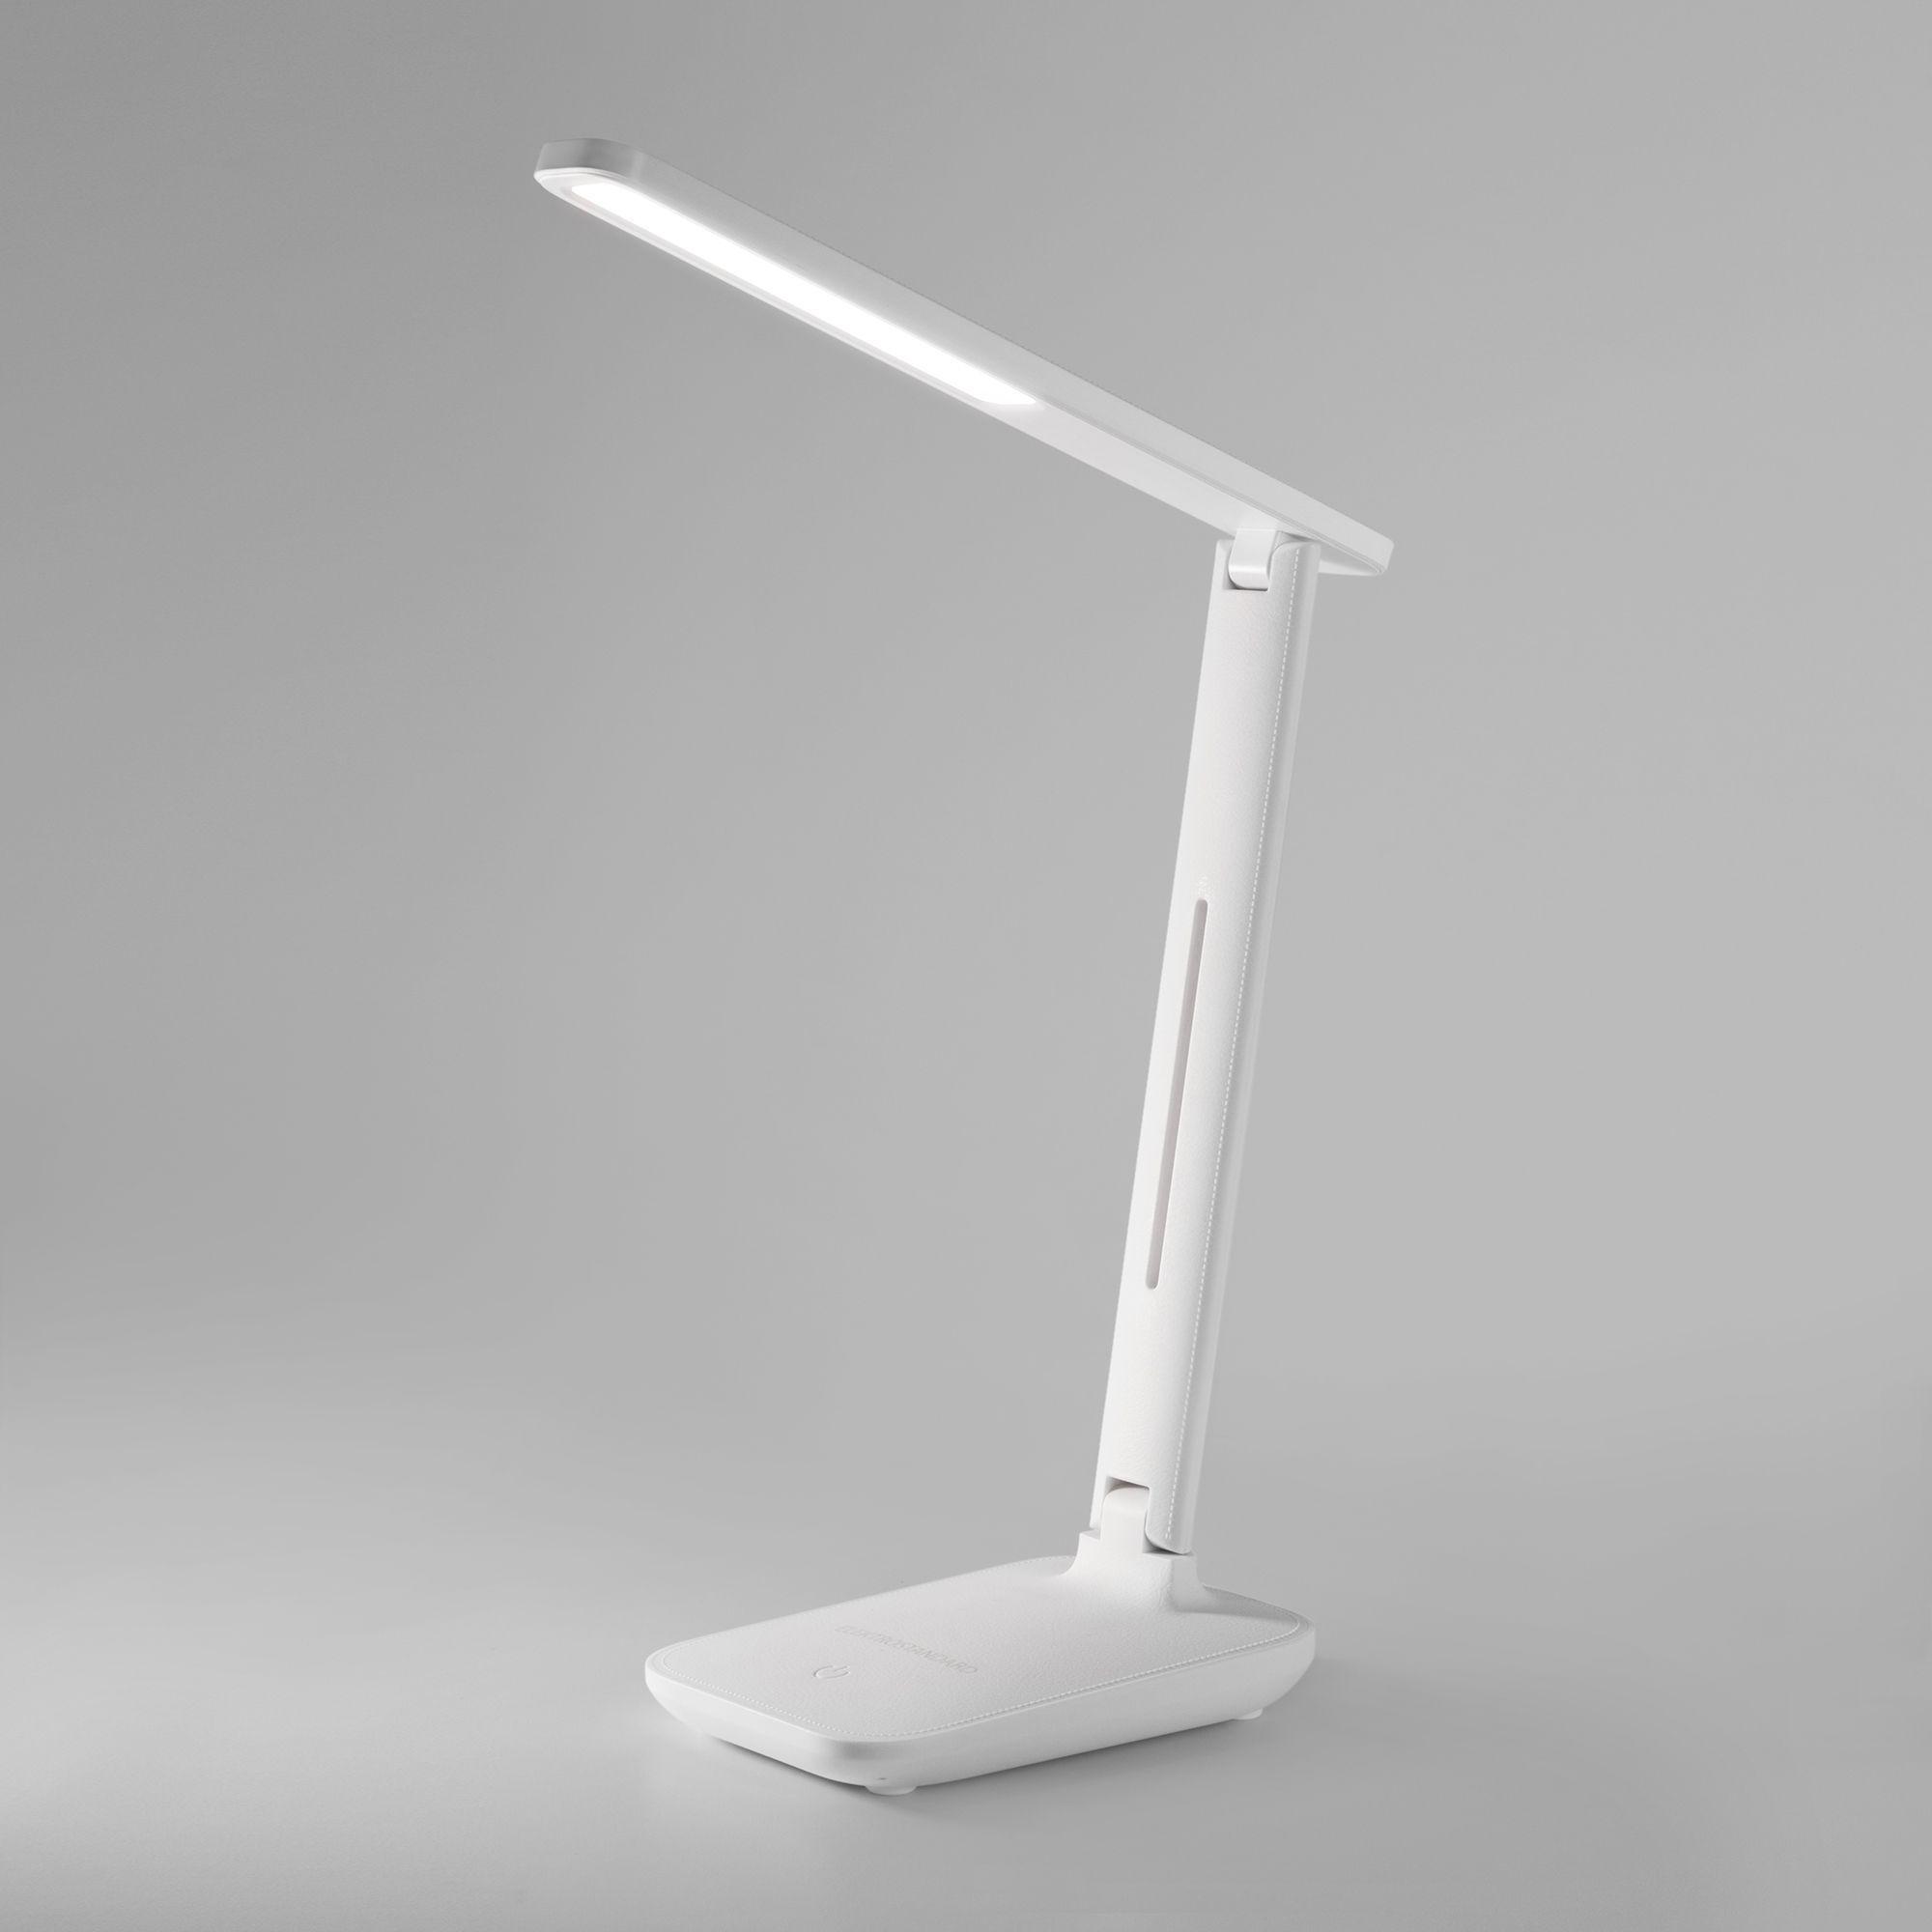 Настольный светодиодный светильник Pele белый Pele белый (TL80960)